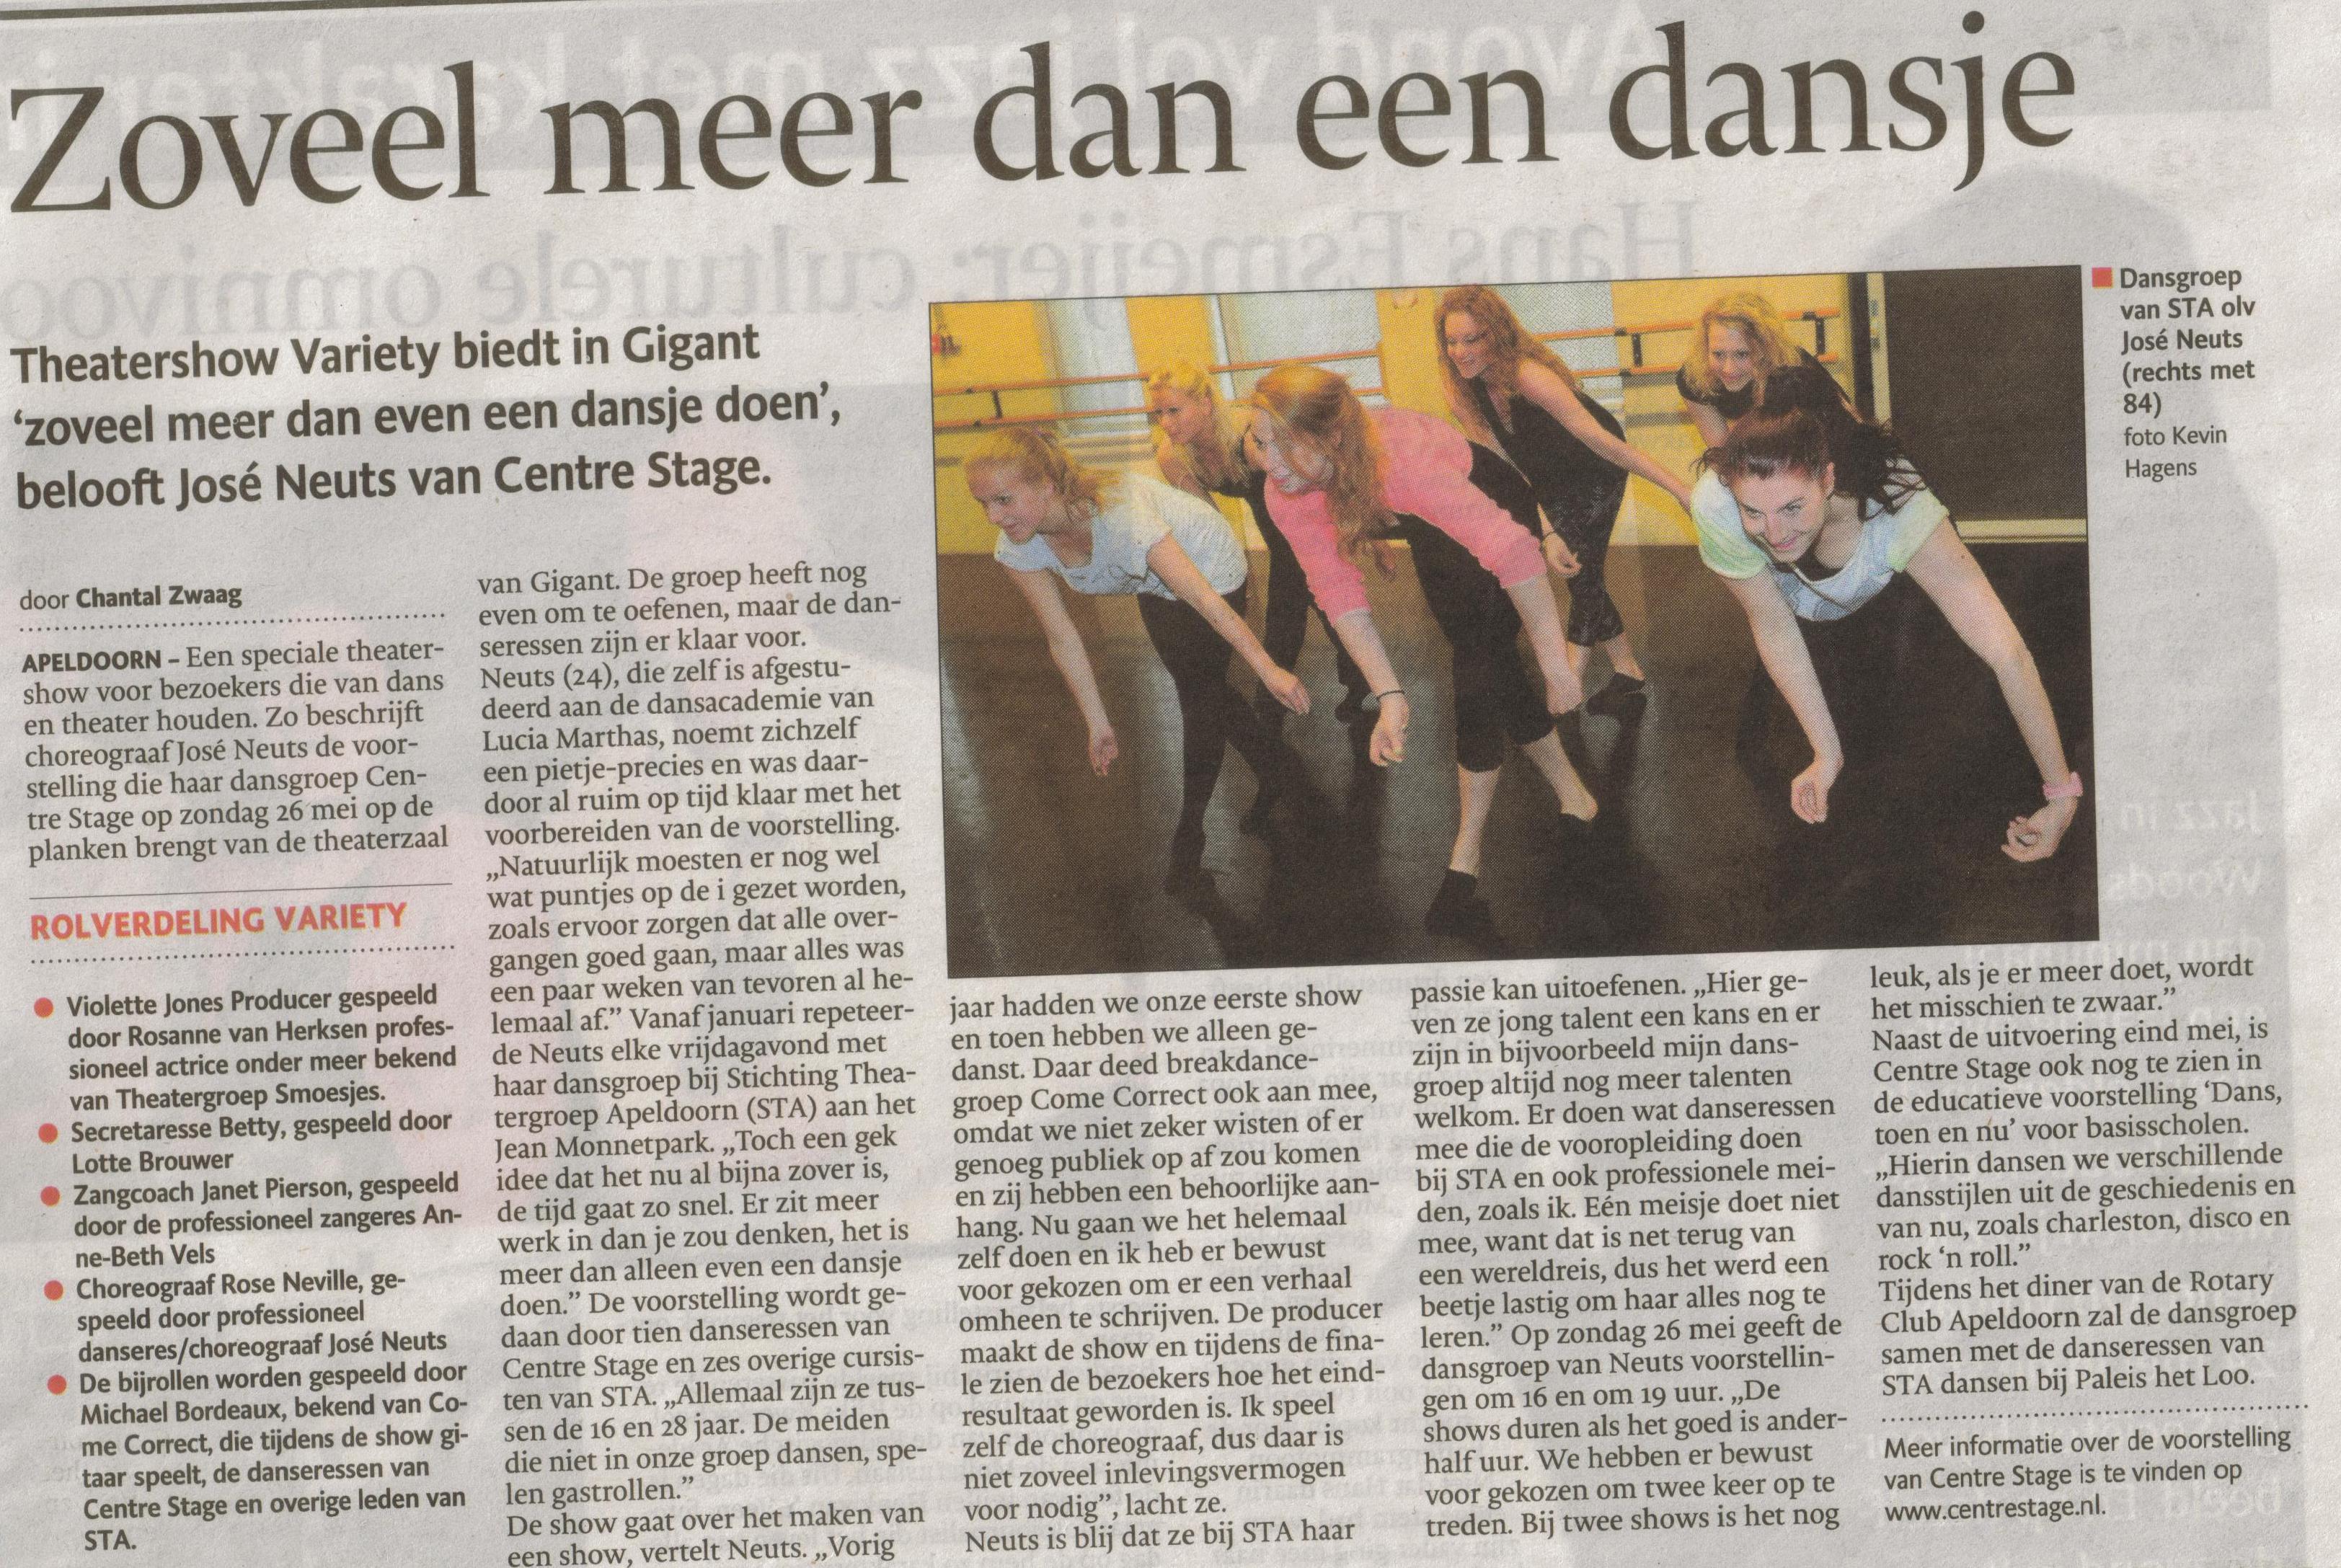 12- dansvoorstelling jose neuts-bijzondere productie-publicatiedatum 17 mei 2013